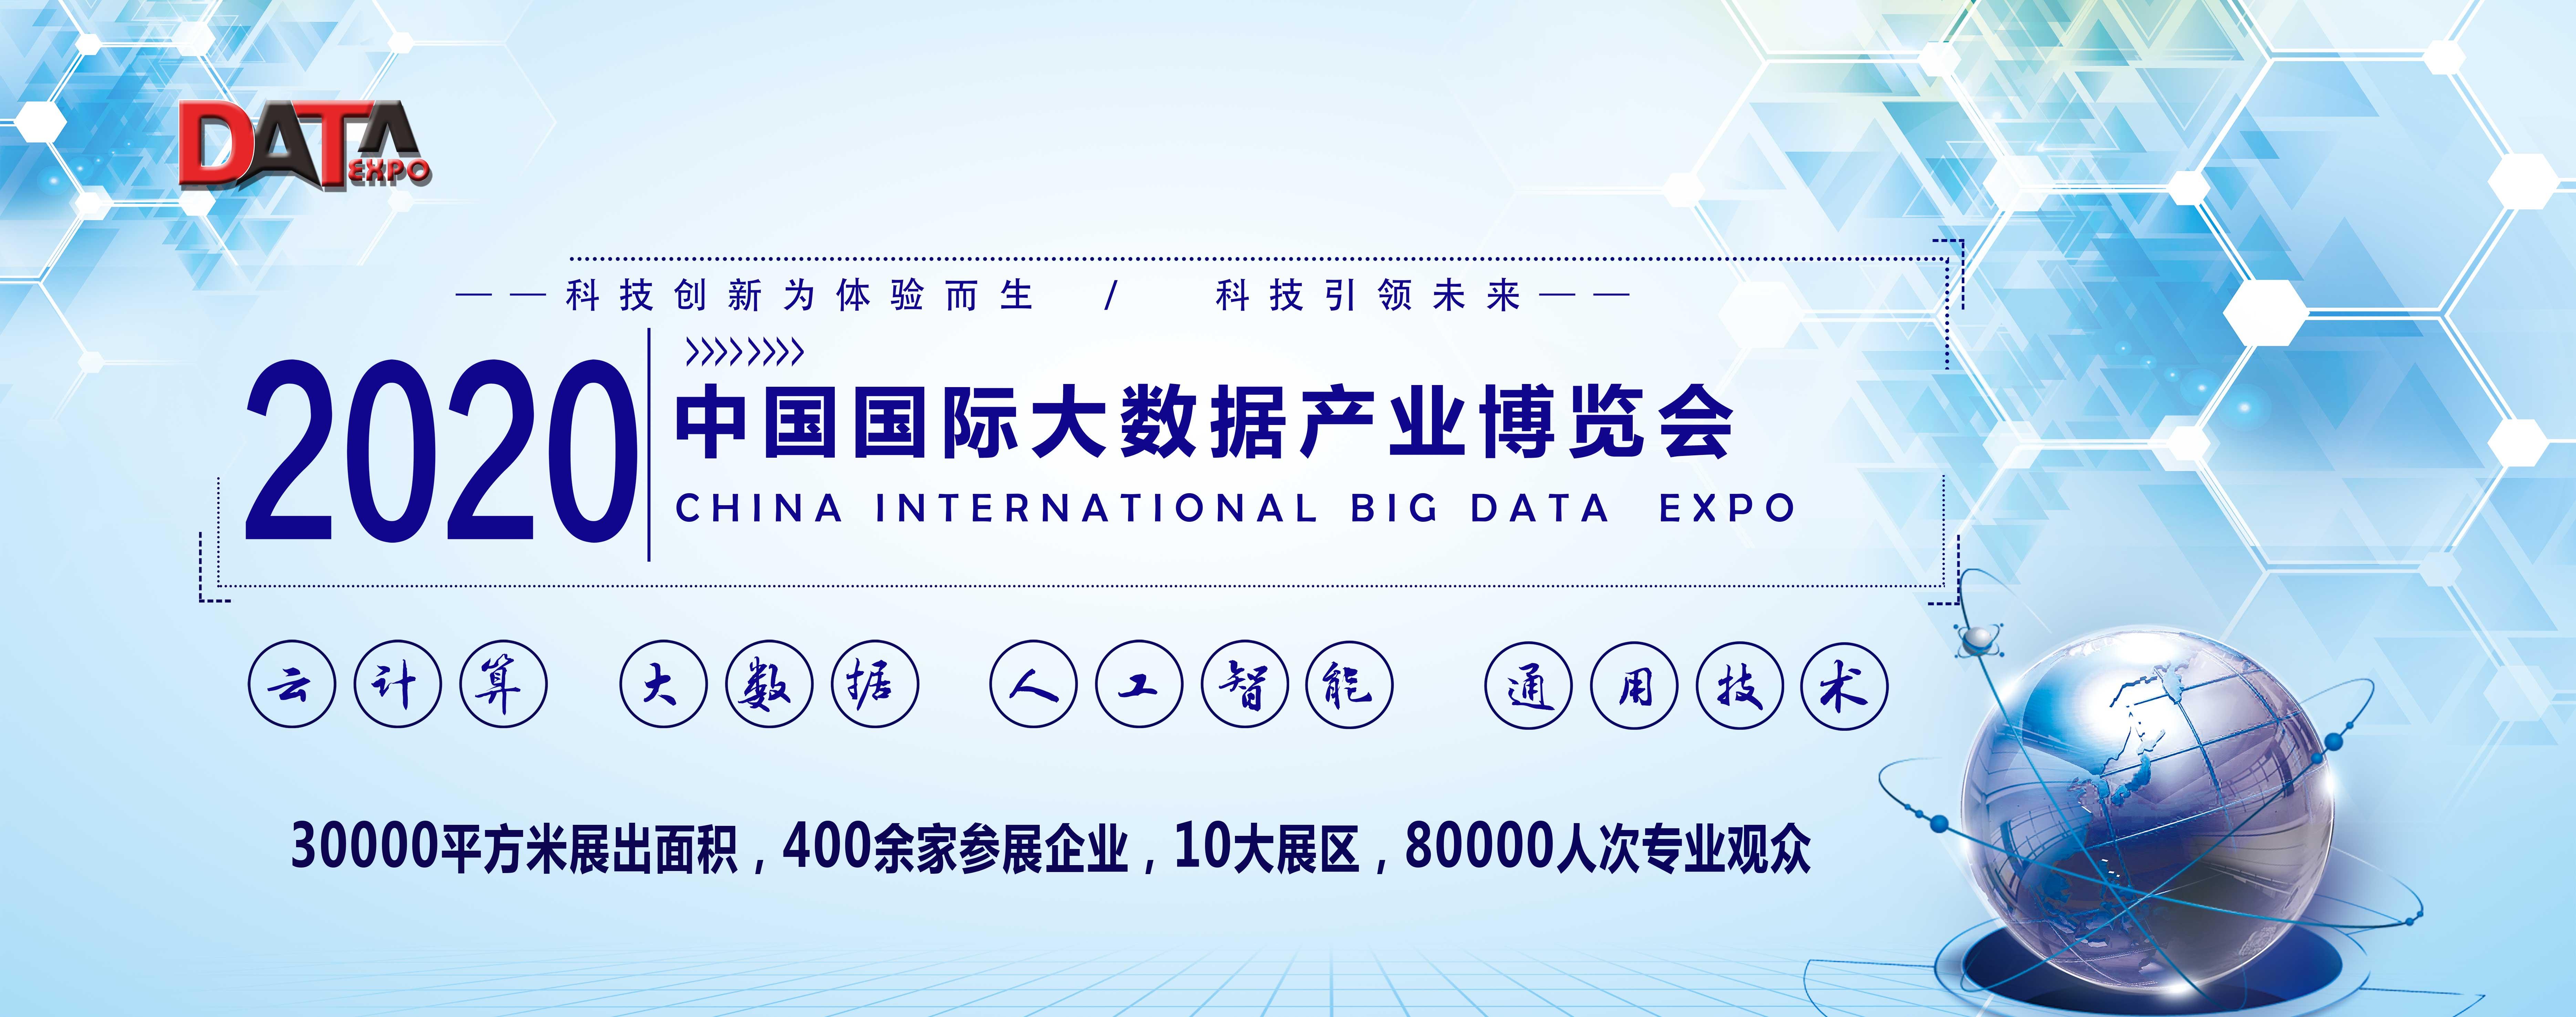 大数据展会